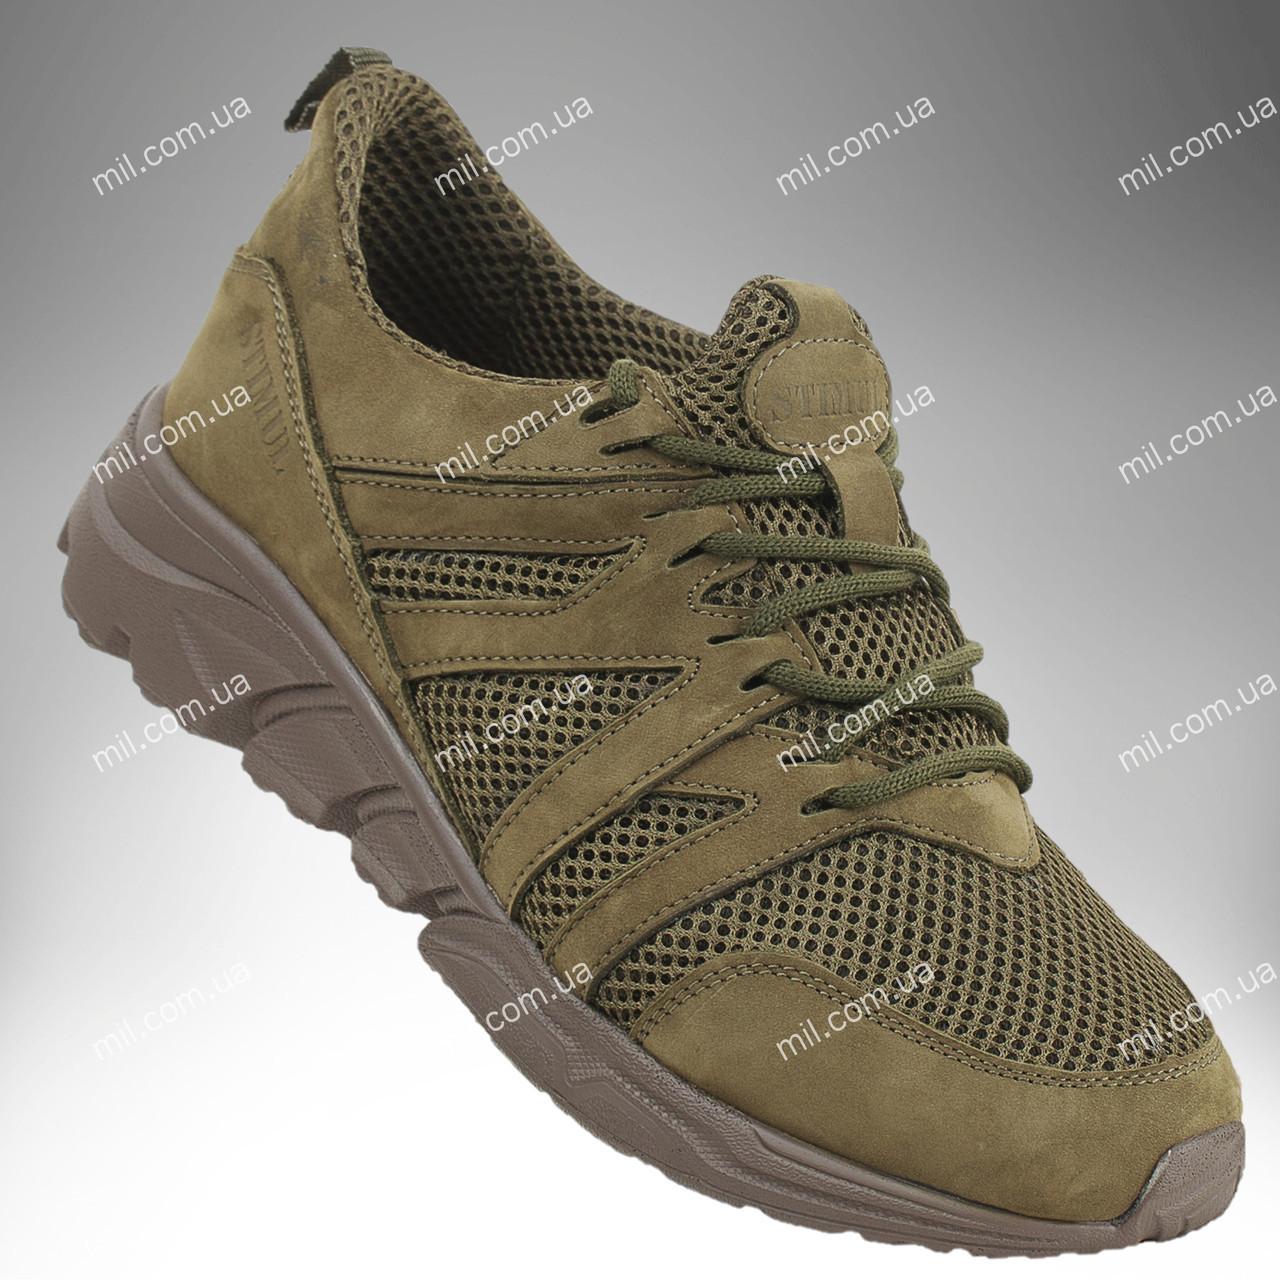 Военные облегченные кроссовки/ летняя тактическая обувь, военная спецобувь GERMES gtx Stimul (олива)